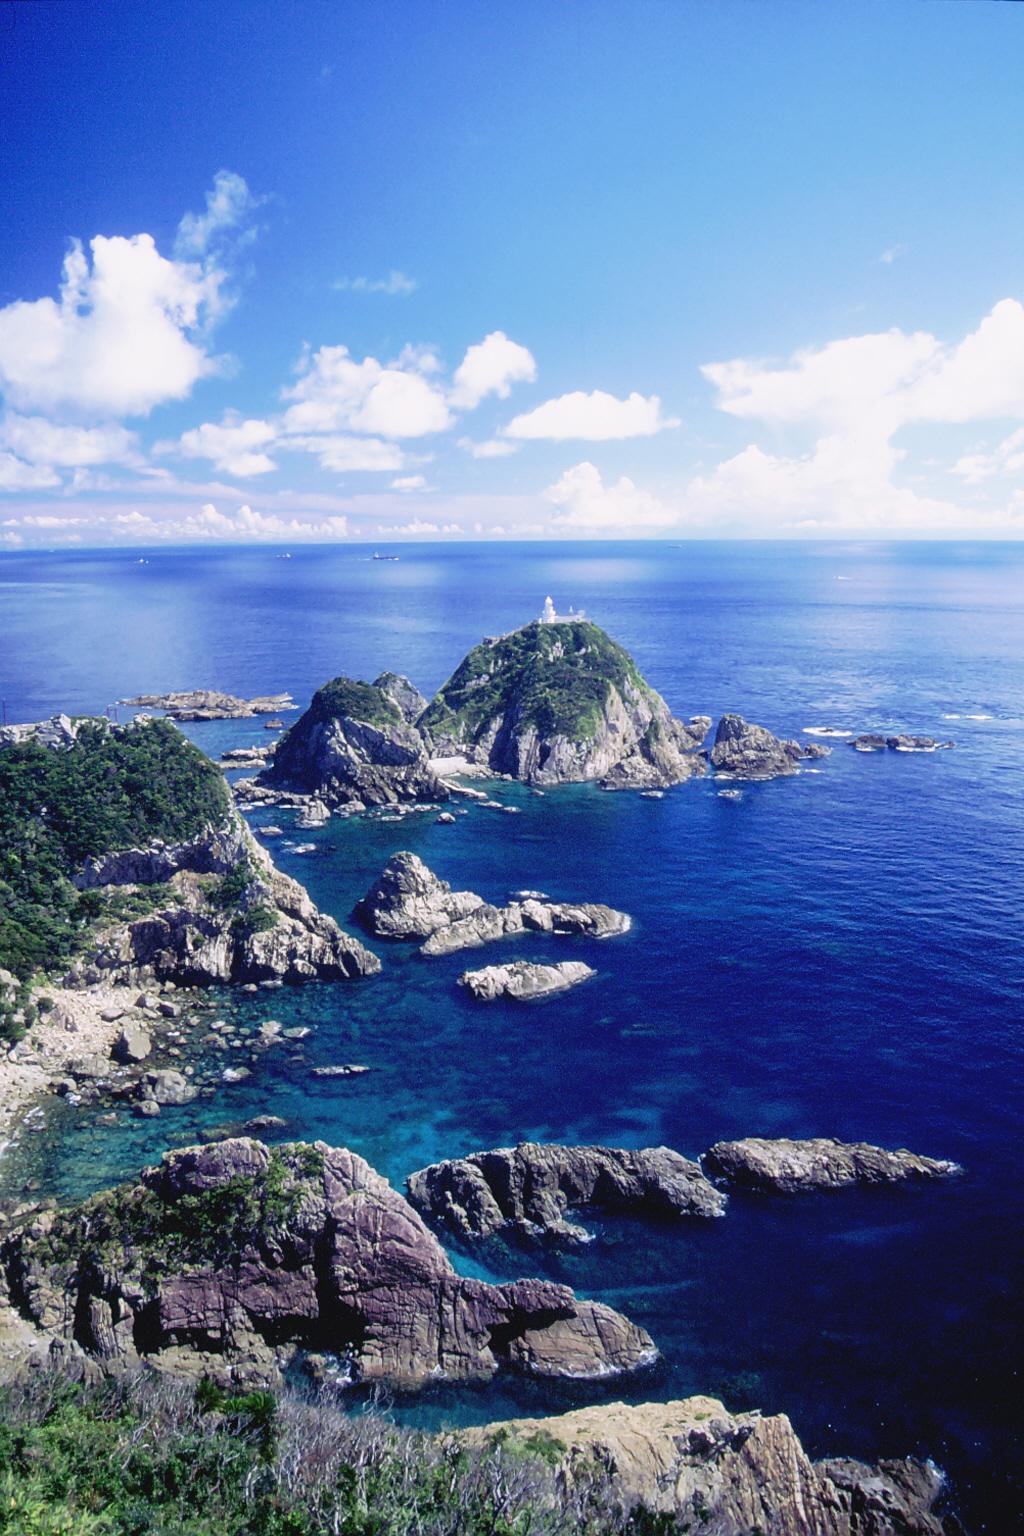 今日集合於桃园机场,搭乘豪华客机飞往位於日本九州~【鹿儿岛】.